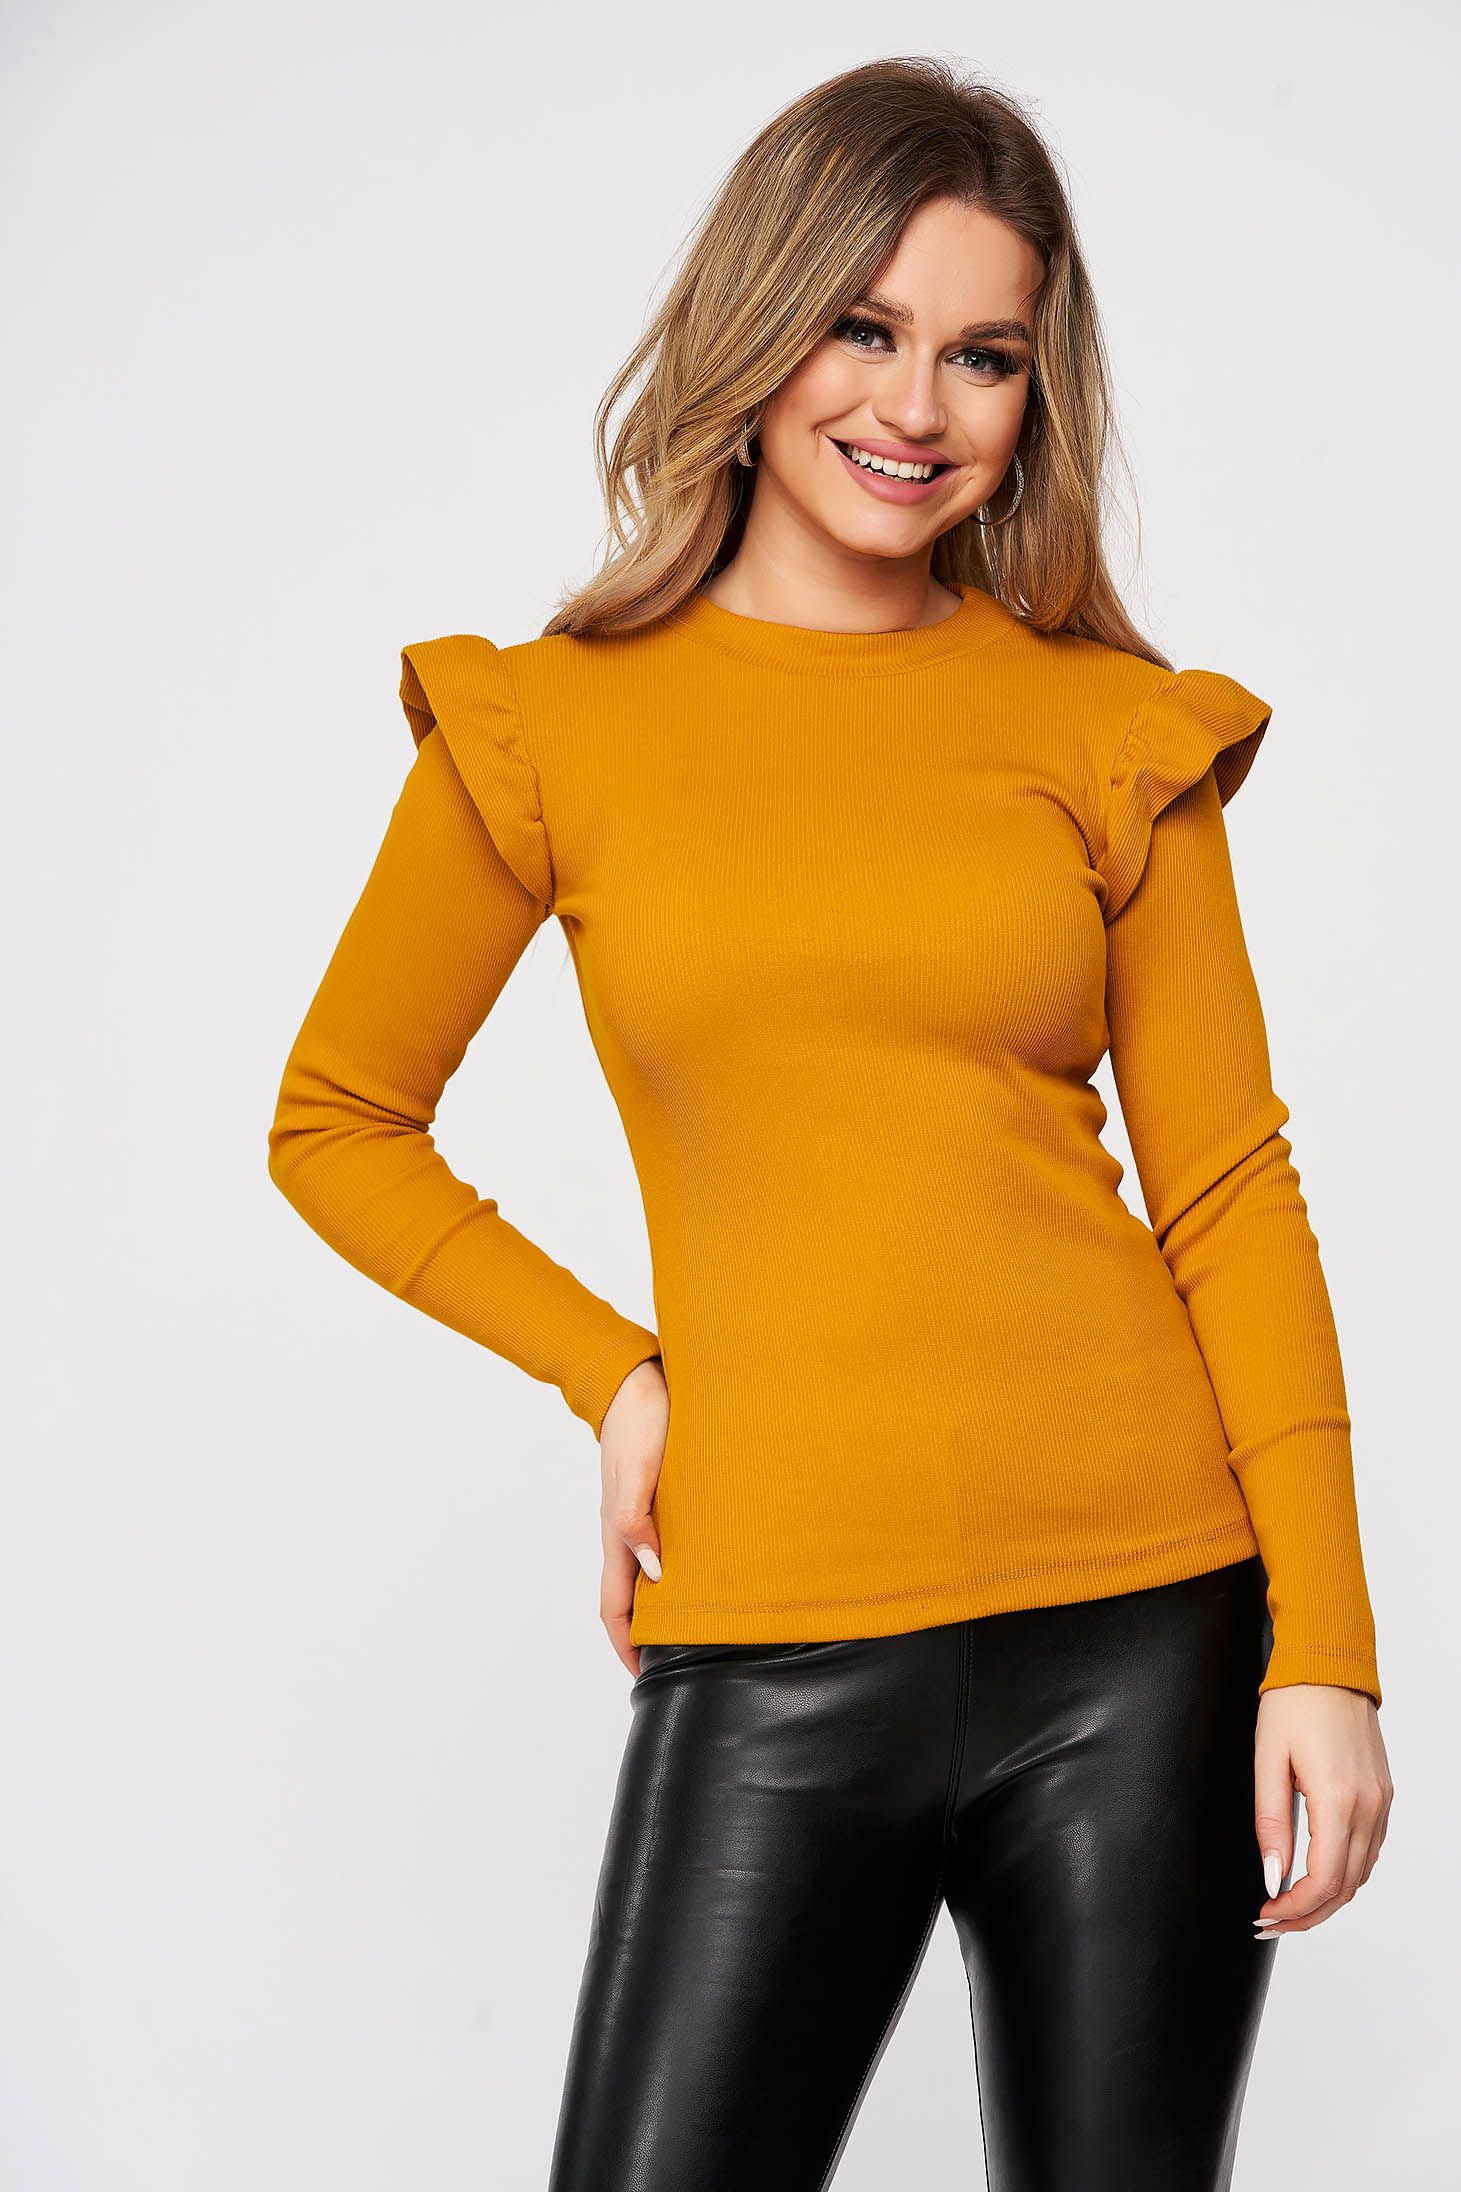 Mustárszínű pamutból készült casual női blúz a fenti részen ráncolt ujjakkal